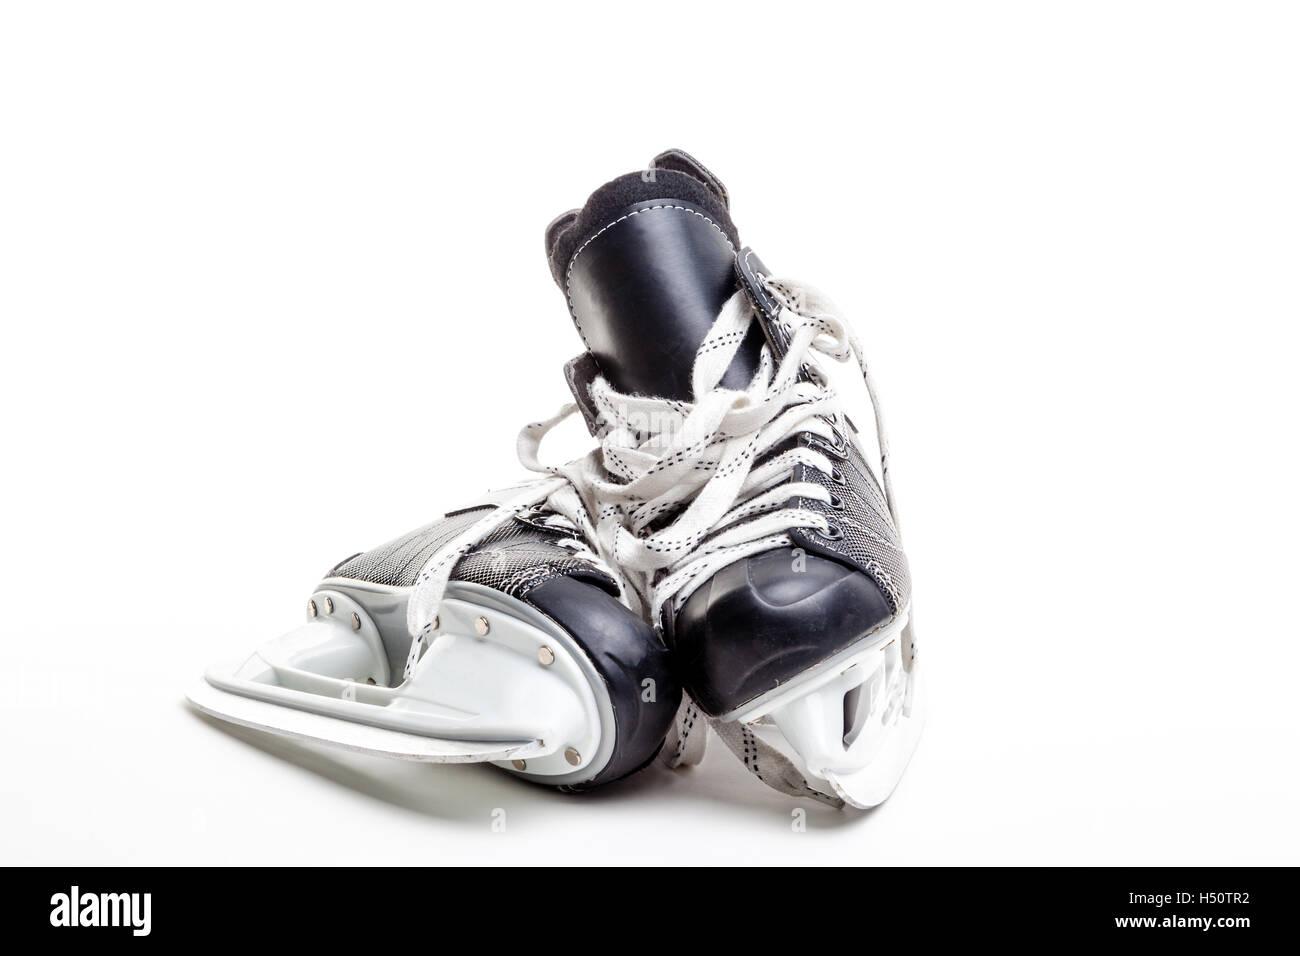 Une paire de patins de hockey sur glace isolé sur fond blanc avec l'exemplaire de l'espace. Photo Stock